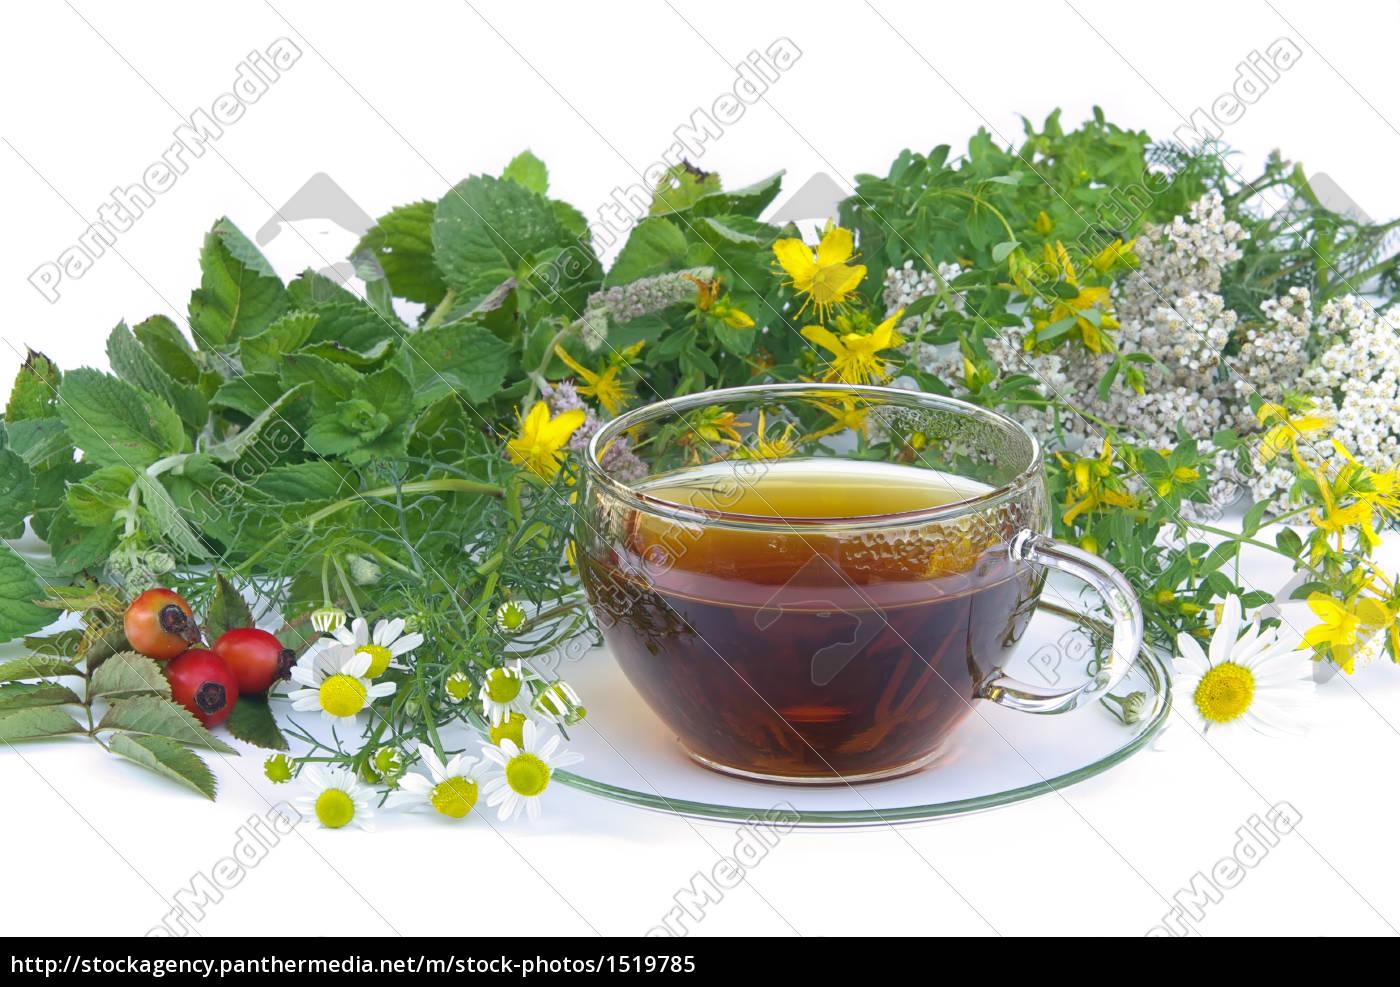 Top Tee Kräuter - tea herbal 01 - Stockfoto - #1519785 - Bildagentur #UE_19